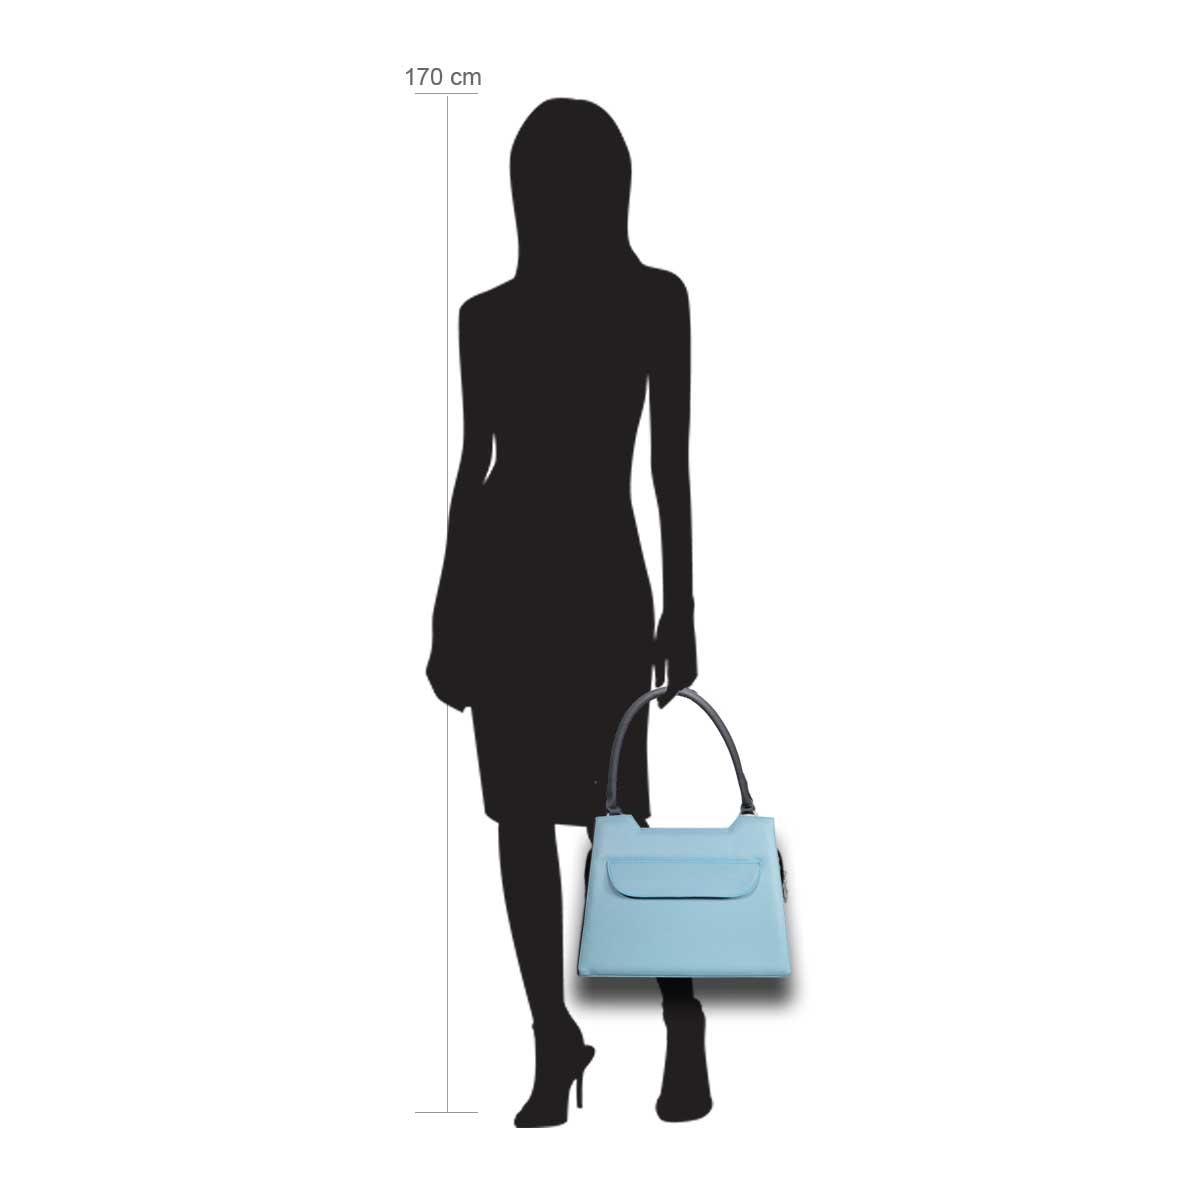 Puppe 170 cm groß zeigt die Taschengröße an . Modell: Lissabon hellblau